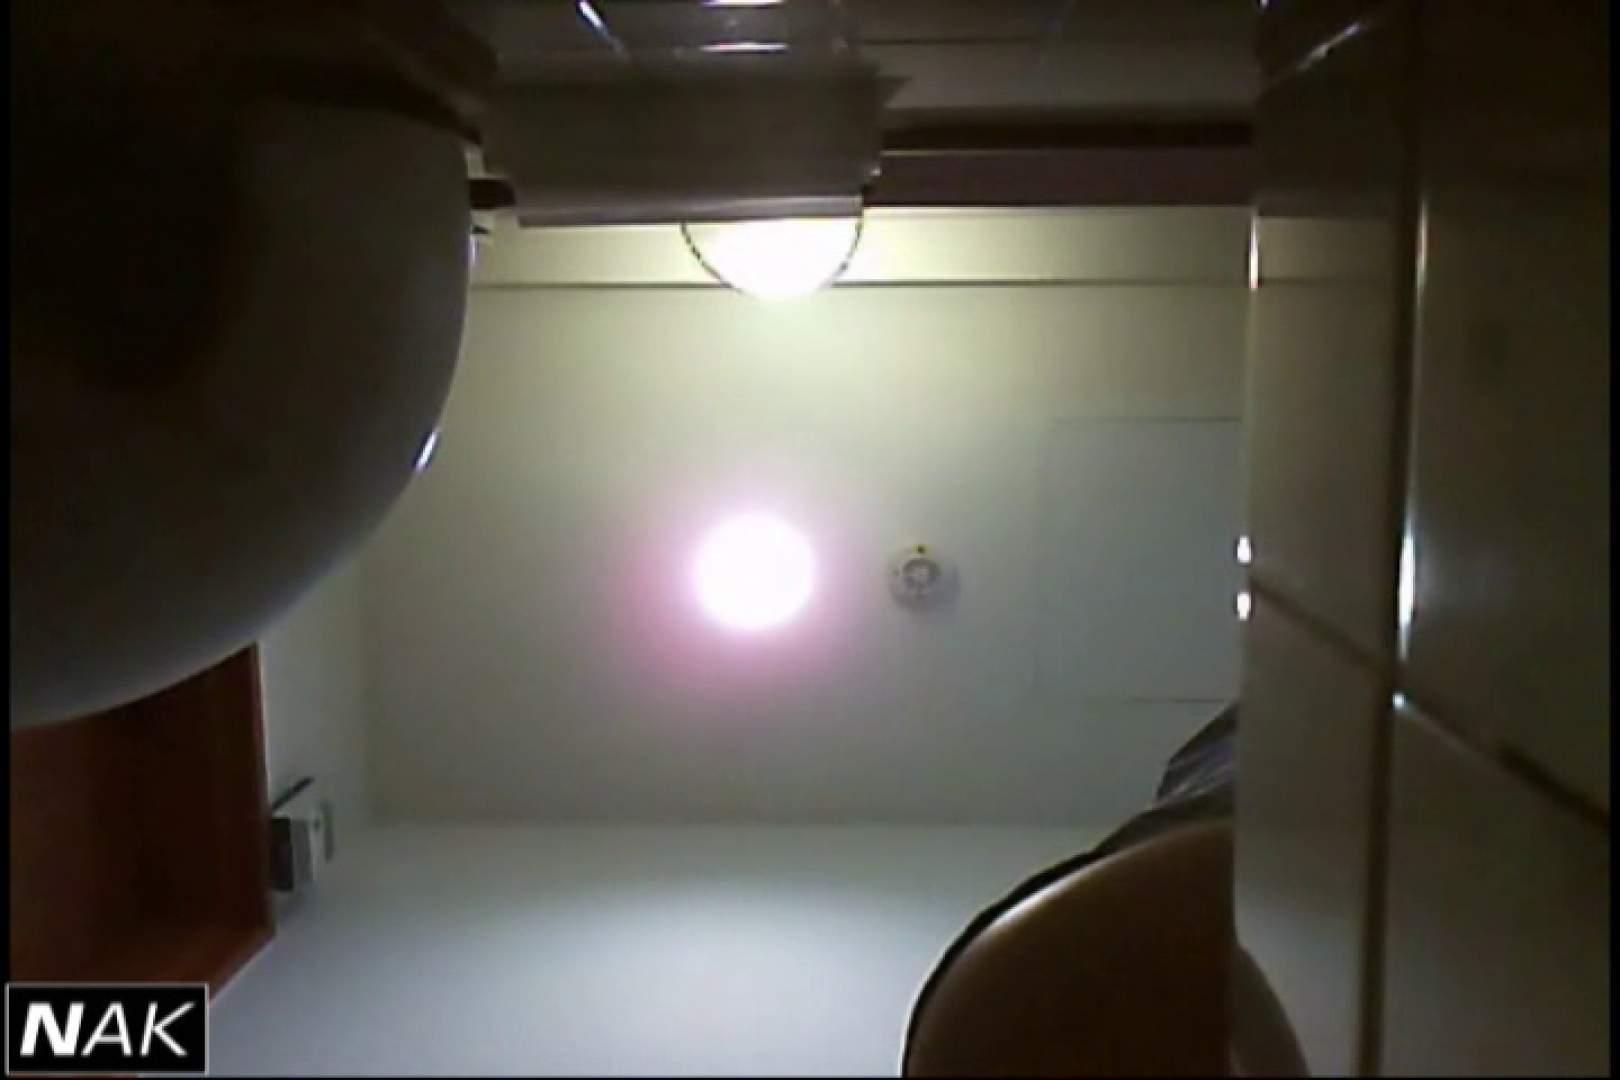 亀さんかわや VIP和式2カメバージョン! vol.14 0  100pic 35